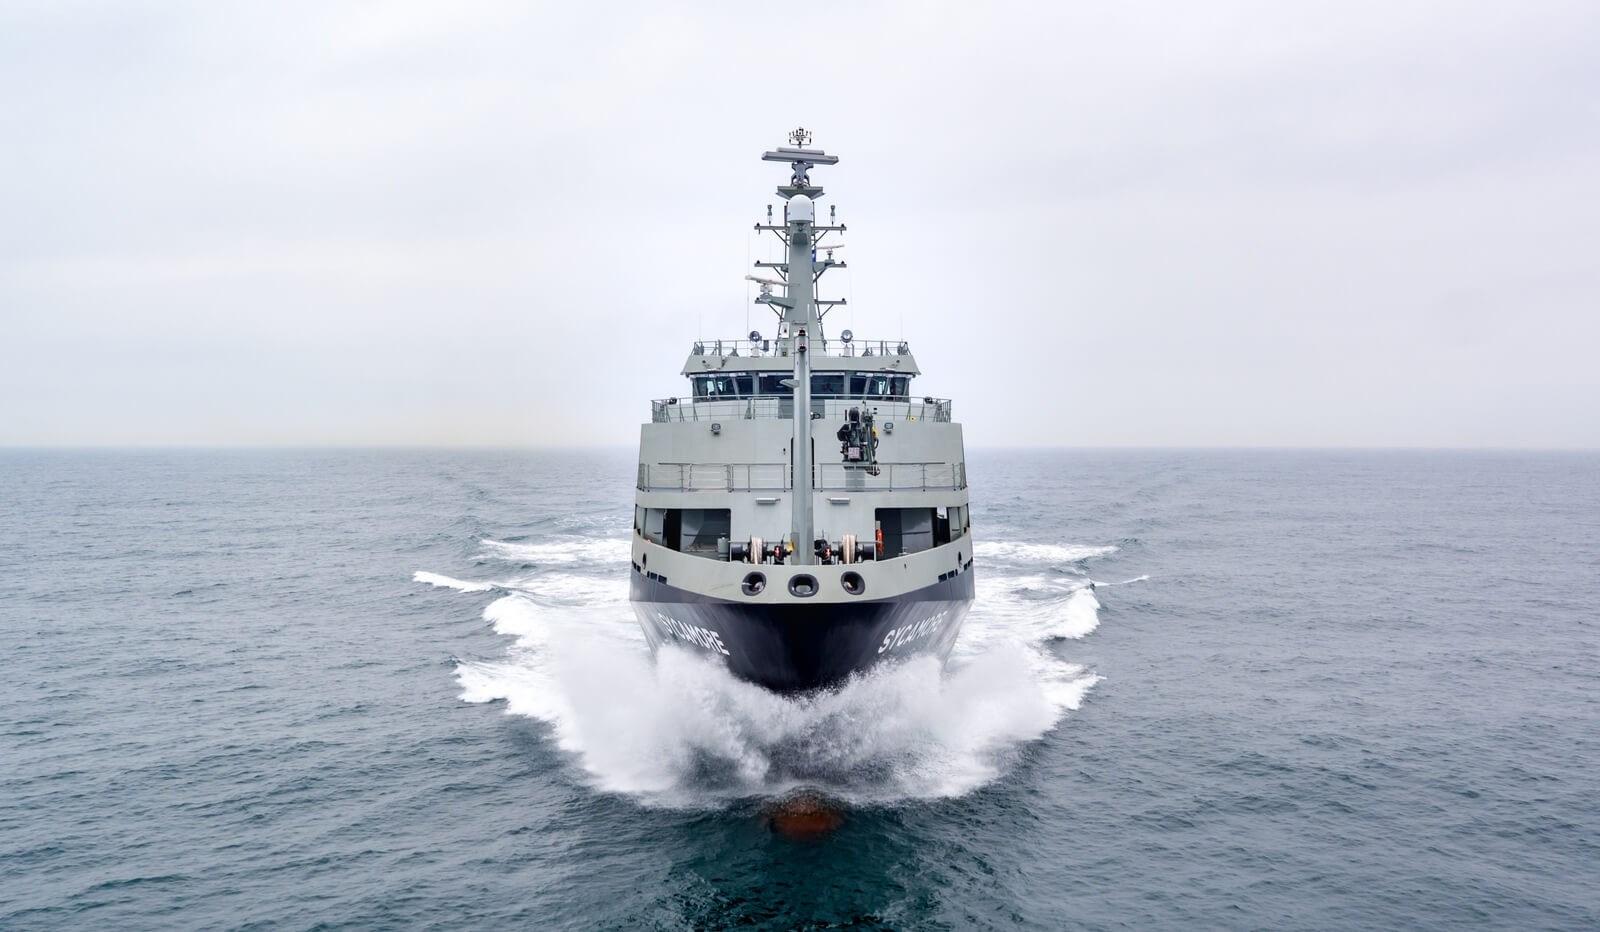 Построенный группой Damen Shipyards Group для министерства обороны Австралии многоцелевой авианесущий учебный корабль (Multi-role Aviation Training Vessel - MATV) Sycamore на испытаниях.